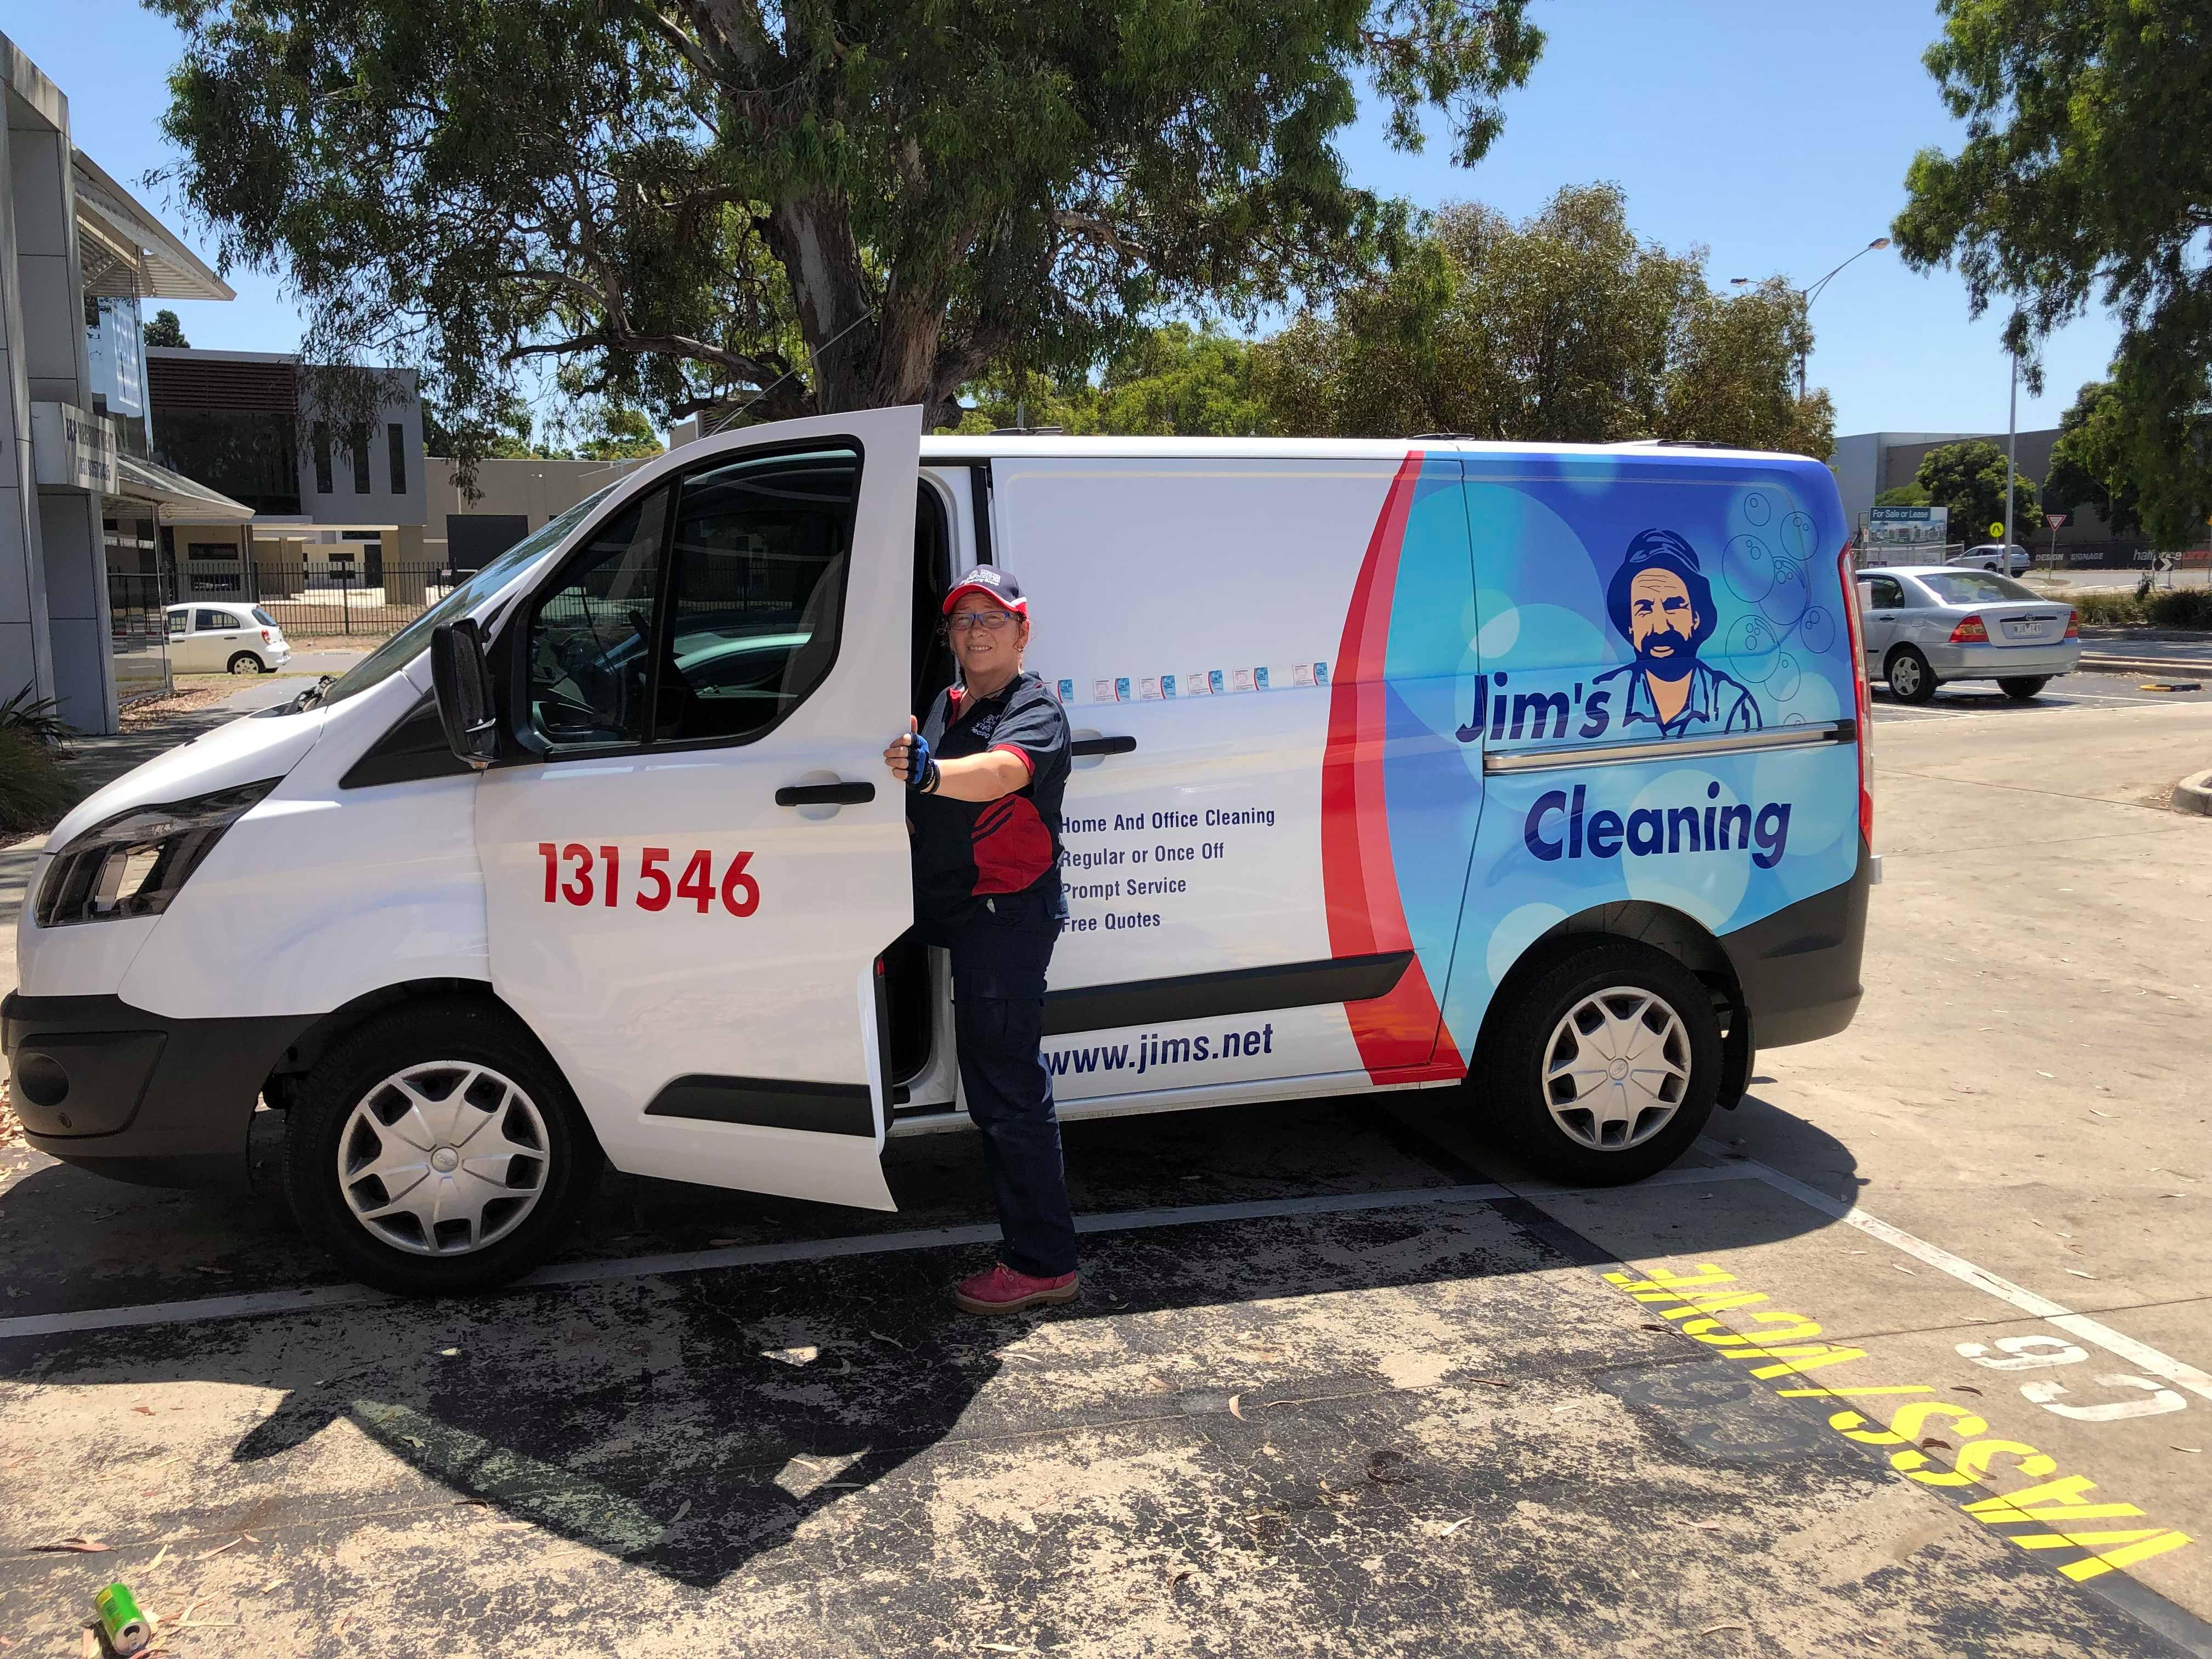 Jim's Cleaning Glen Iris